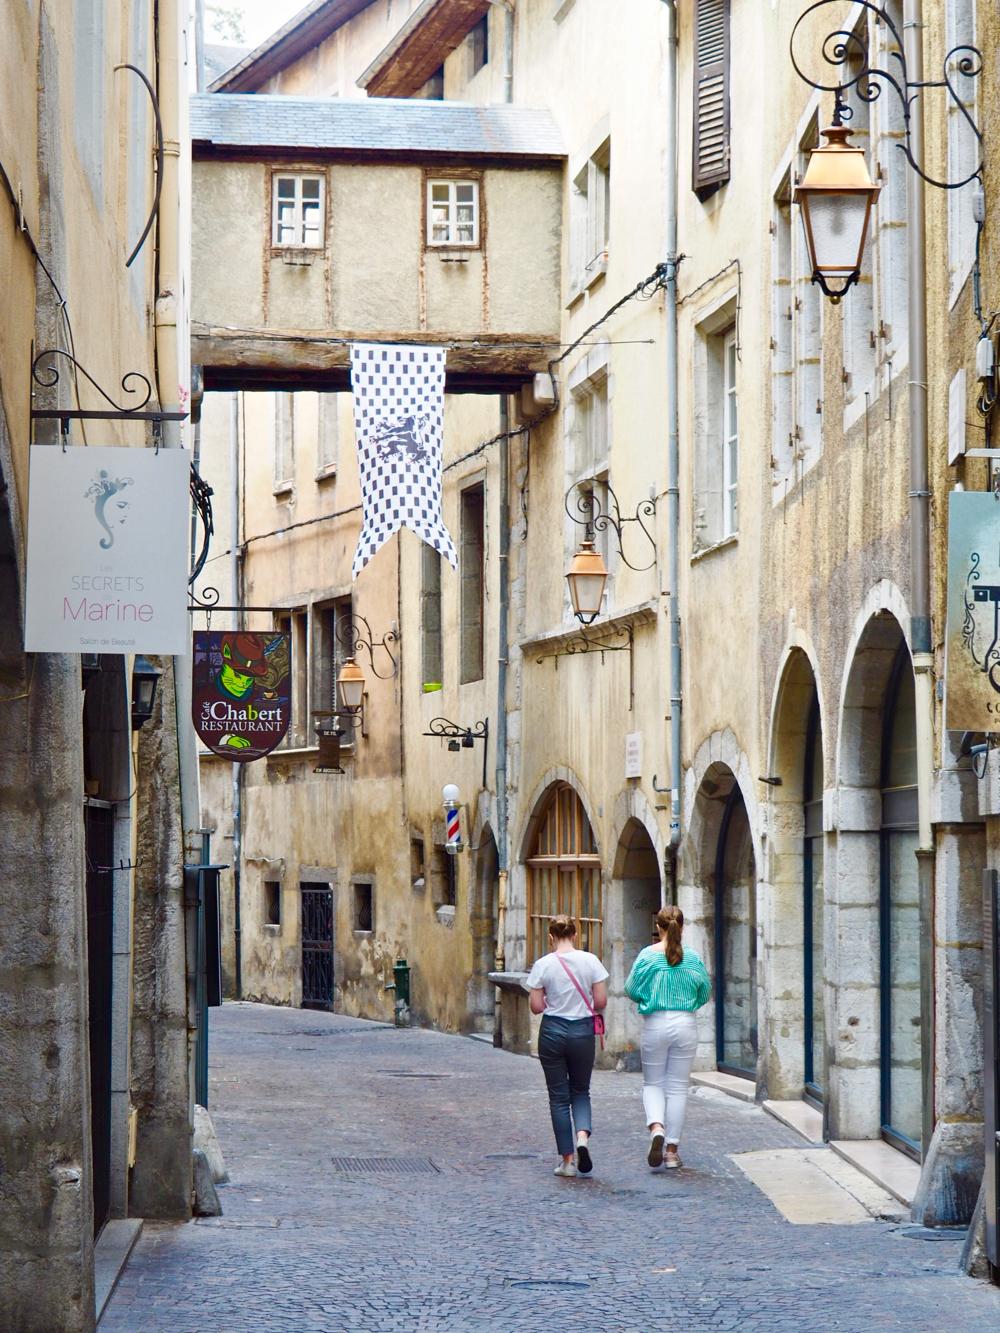 Een smalle straat met eeuwenoude zandkleurige huizen, waarvan enkele verbonden met een brug